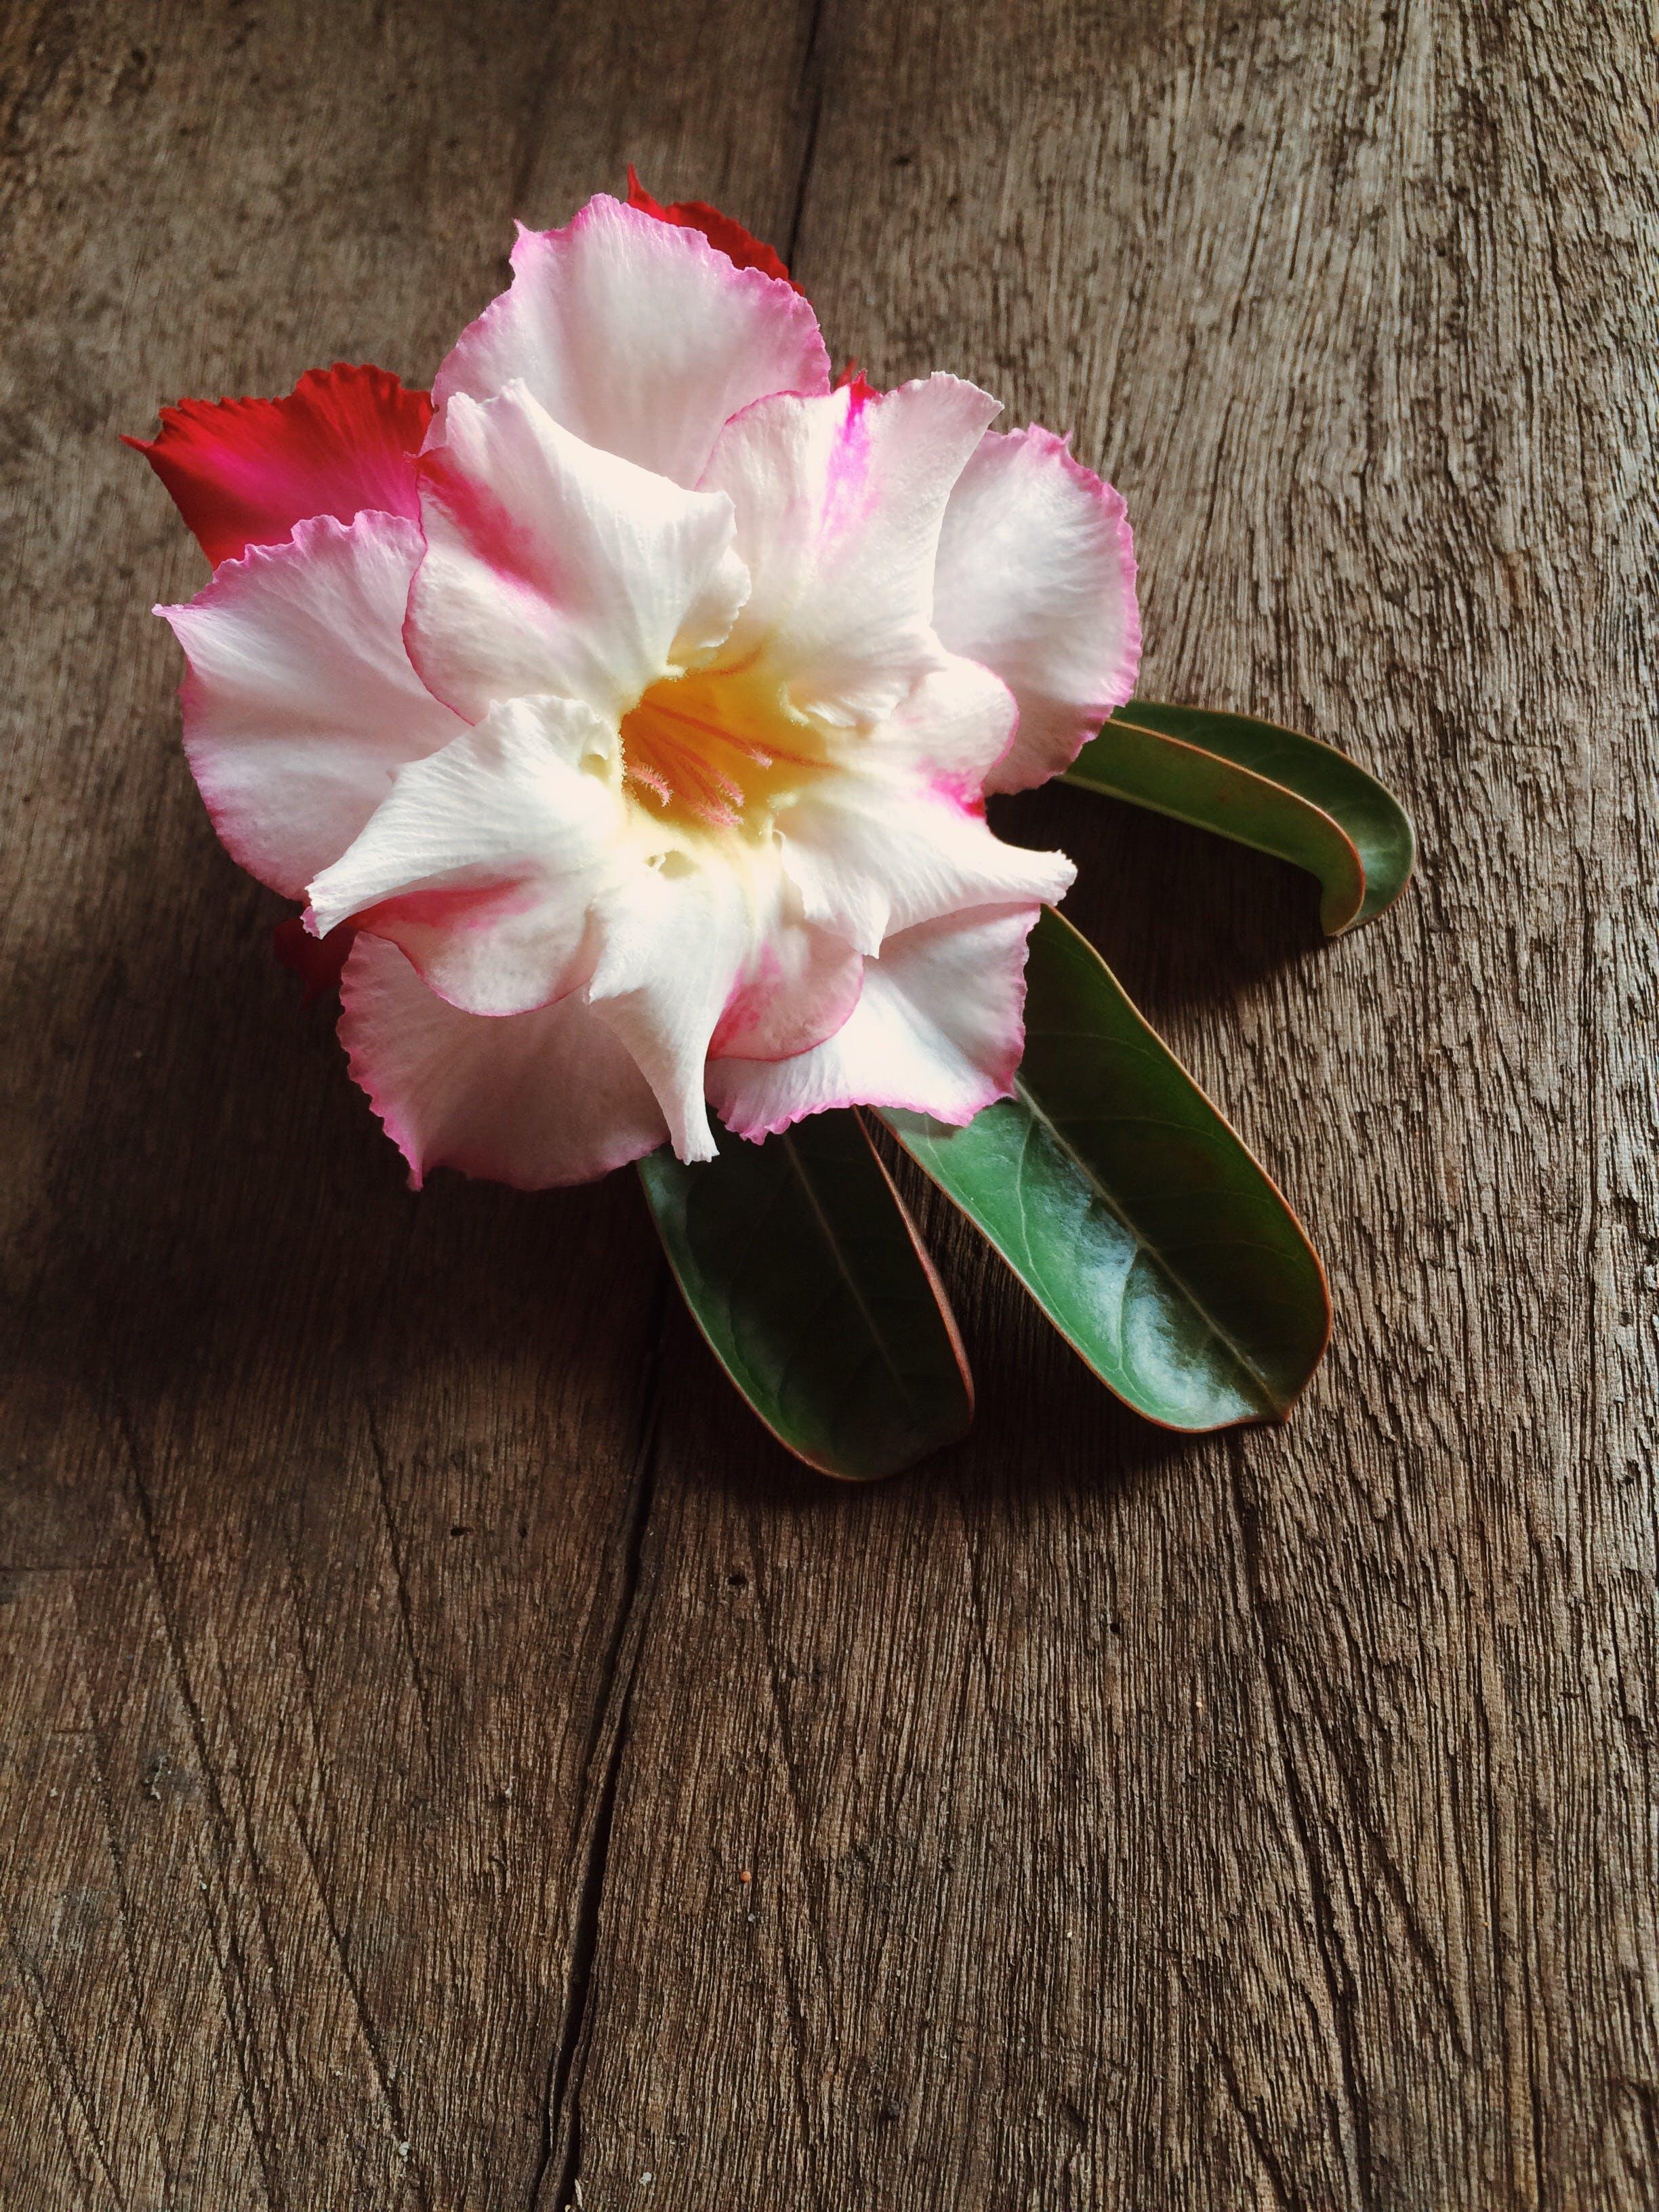 Free stock photo of Desert Rose, flower, flowers